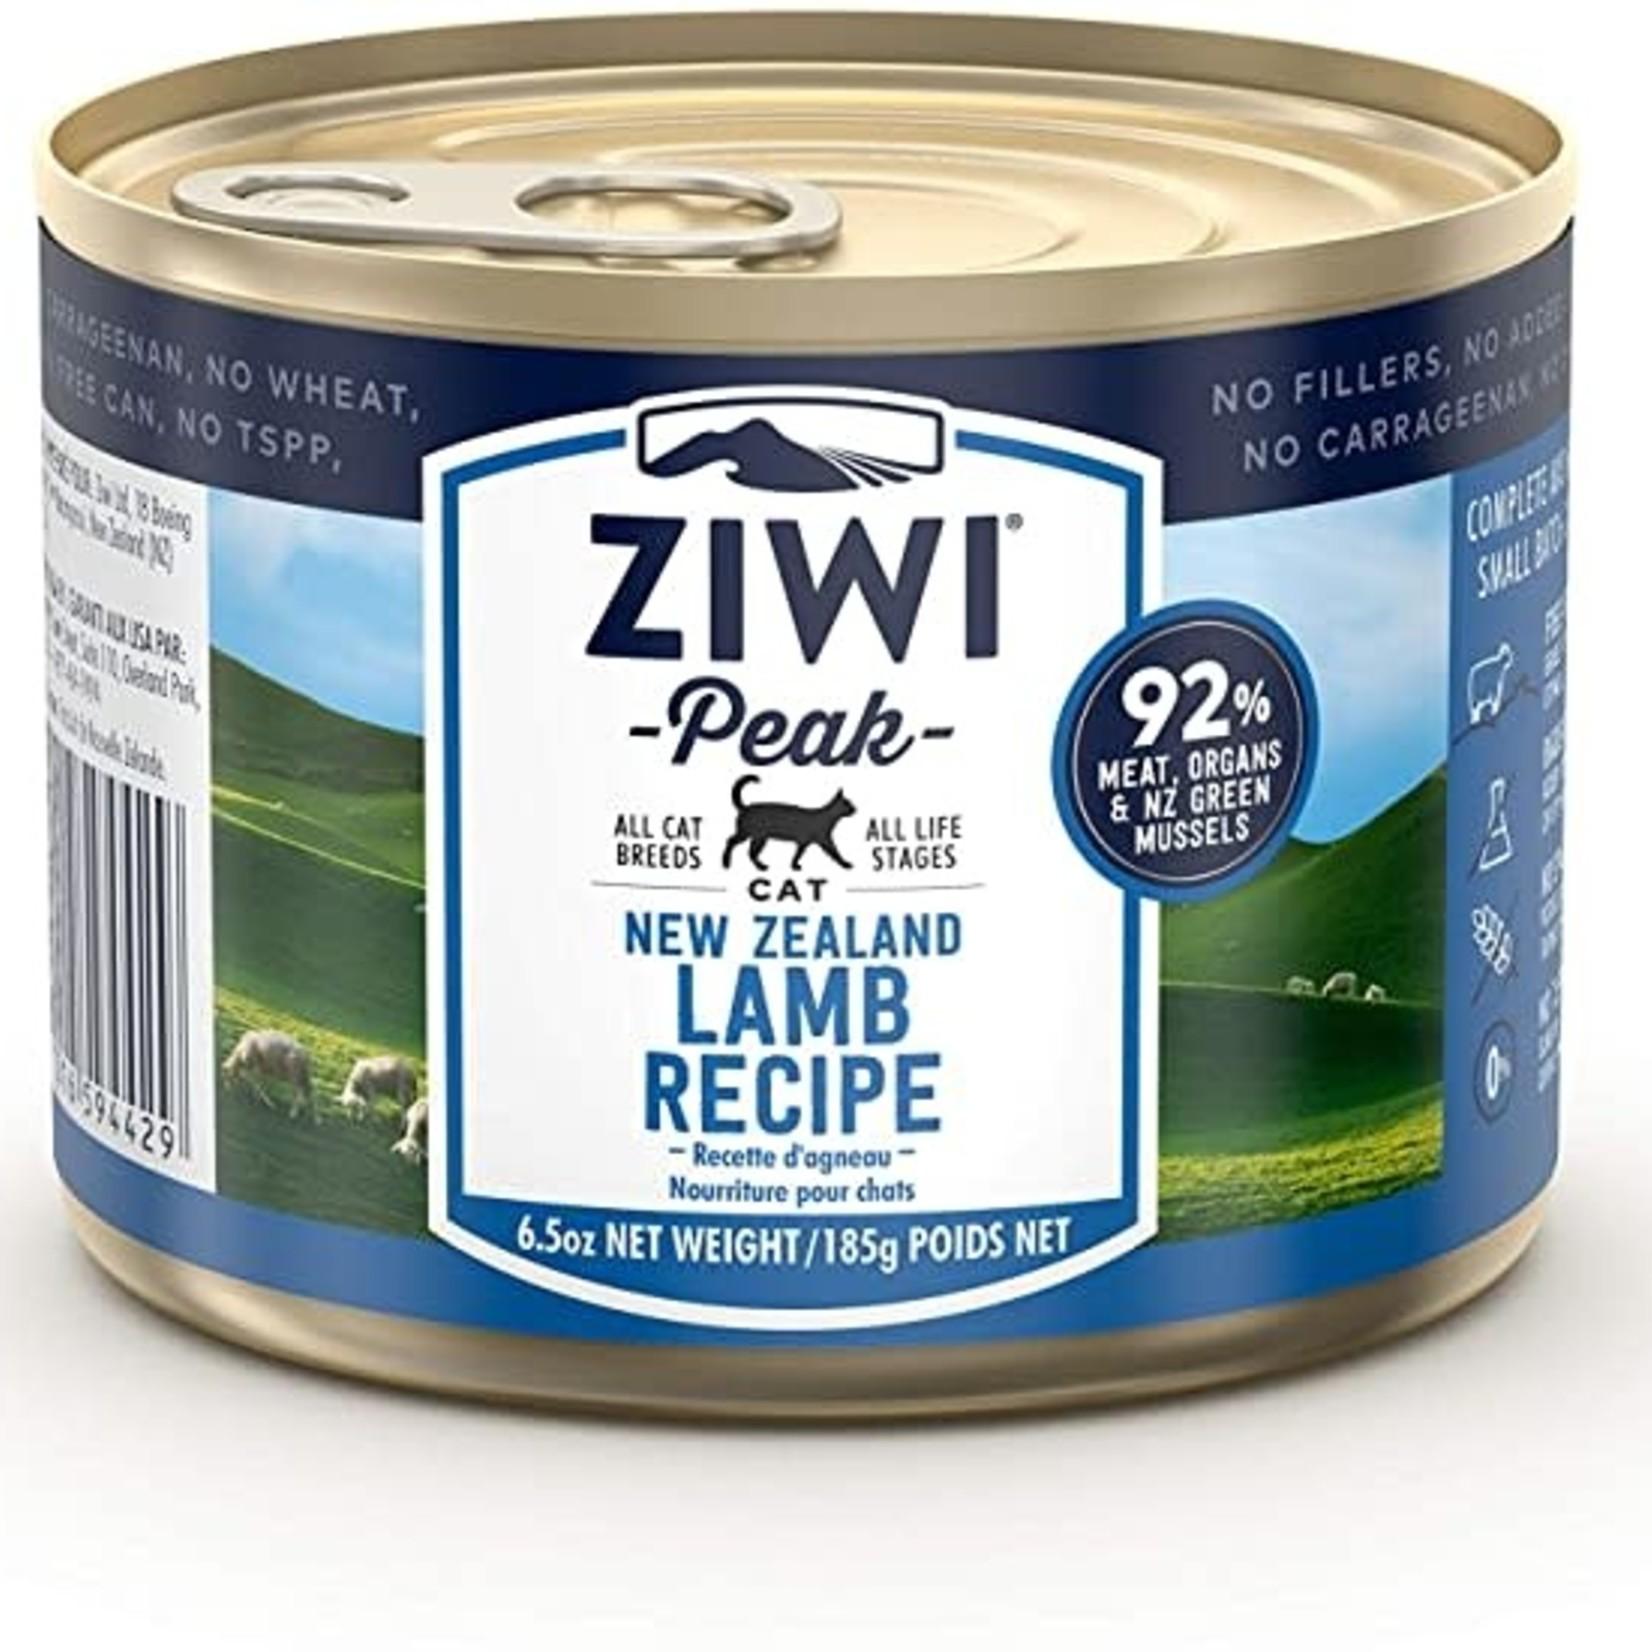 Ziwi Peak Ziwi Peak Cat Grain Free Lamb 6.5 OZ